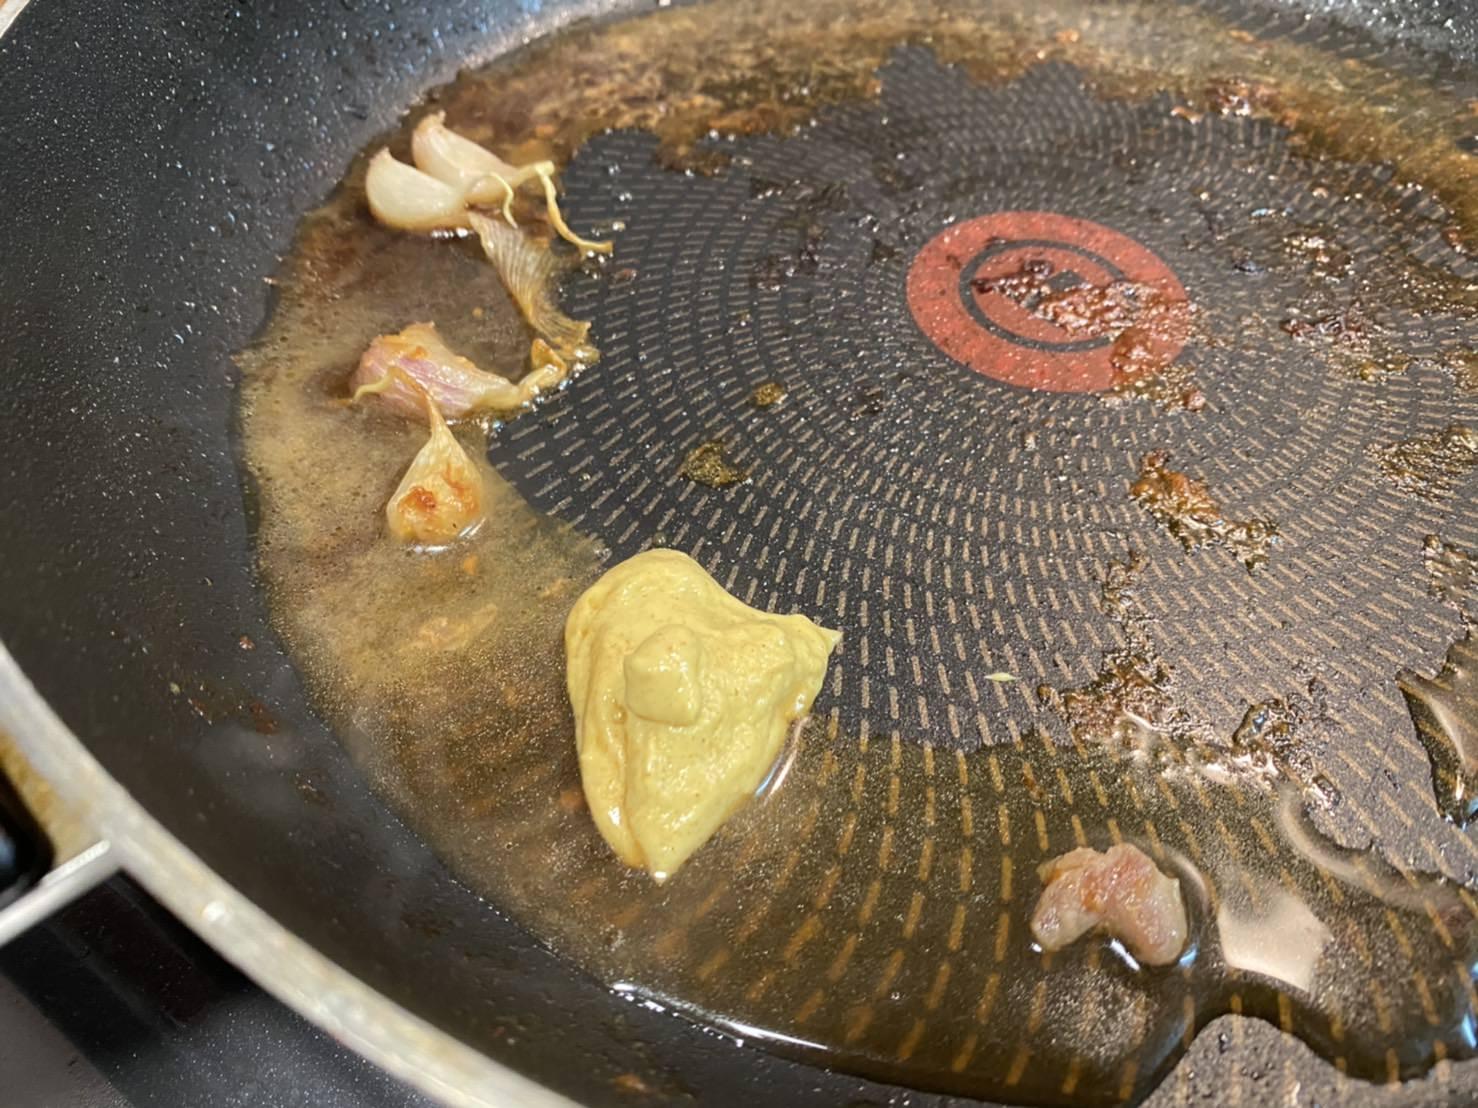 鍋にマスタードを入れた状態の画像です